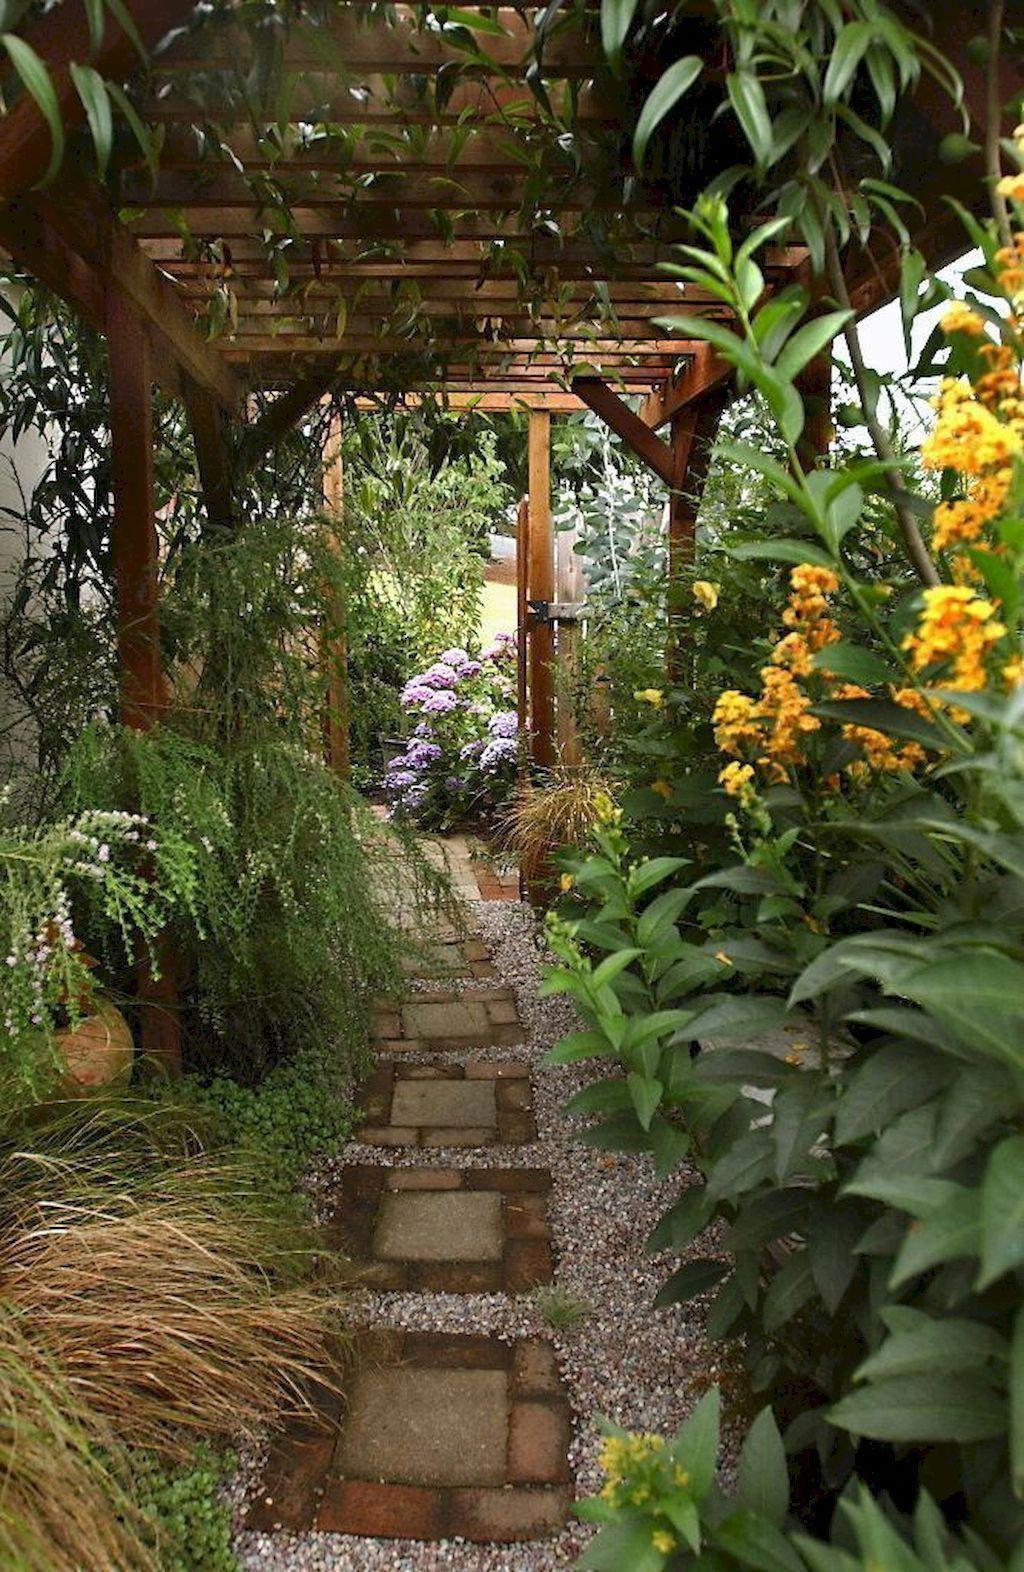 Photo of #Balcony Garden #Balcony Garden apartment #balcony garden arrangement #balcony g…